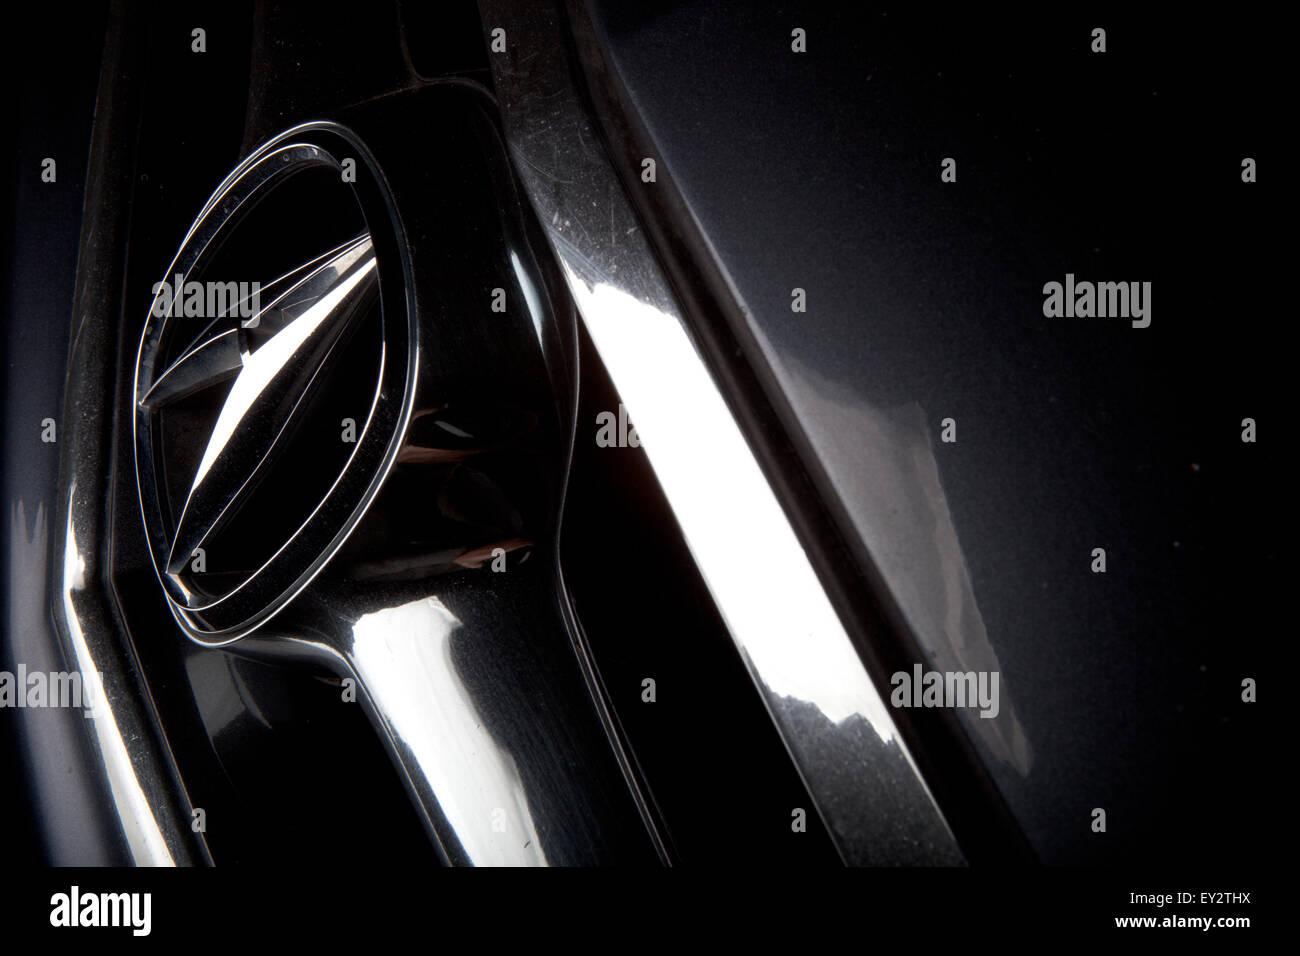 Logo Close Up Stock Photos & Logo Close Up Stock Images - Alamy